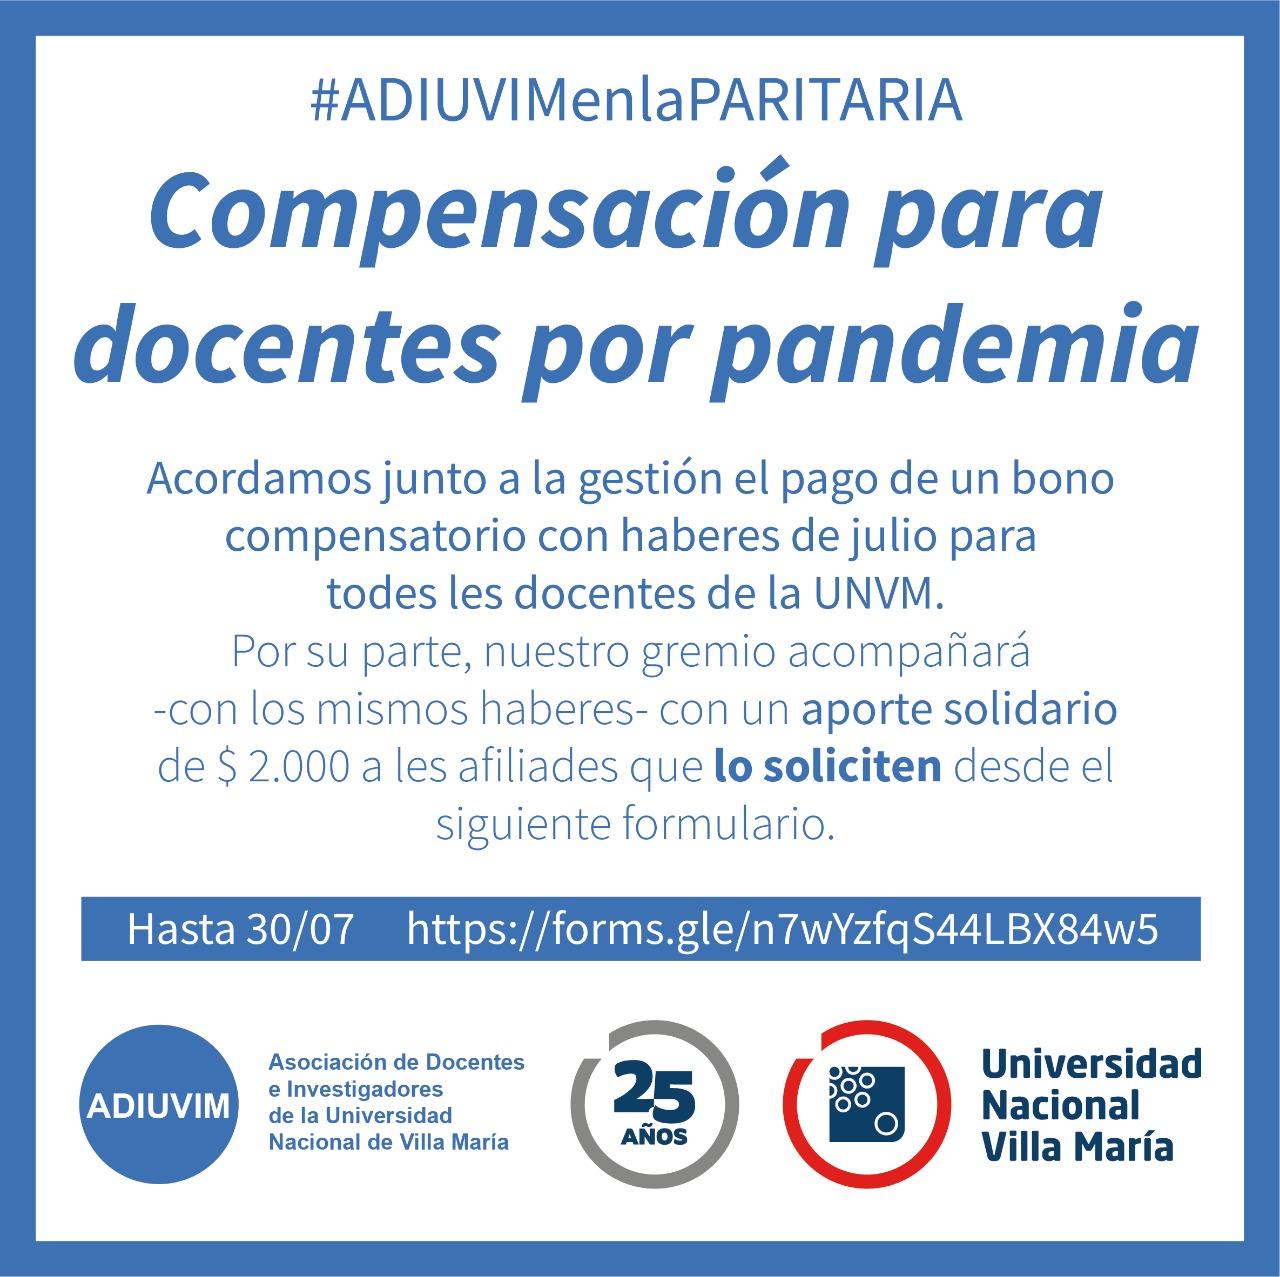 Compensación Solidaria: más de 180 afiliados y afiliadas recibieron el aporte solidario